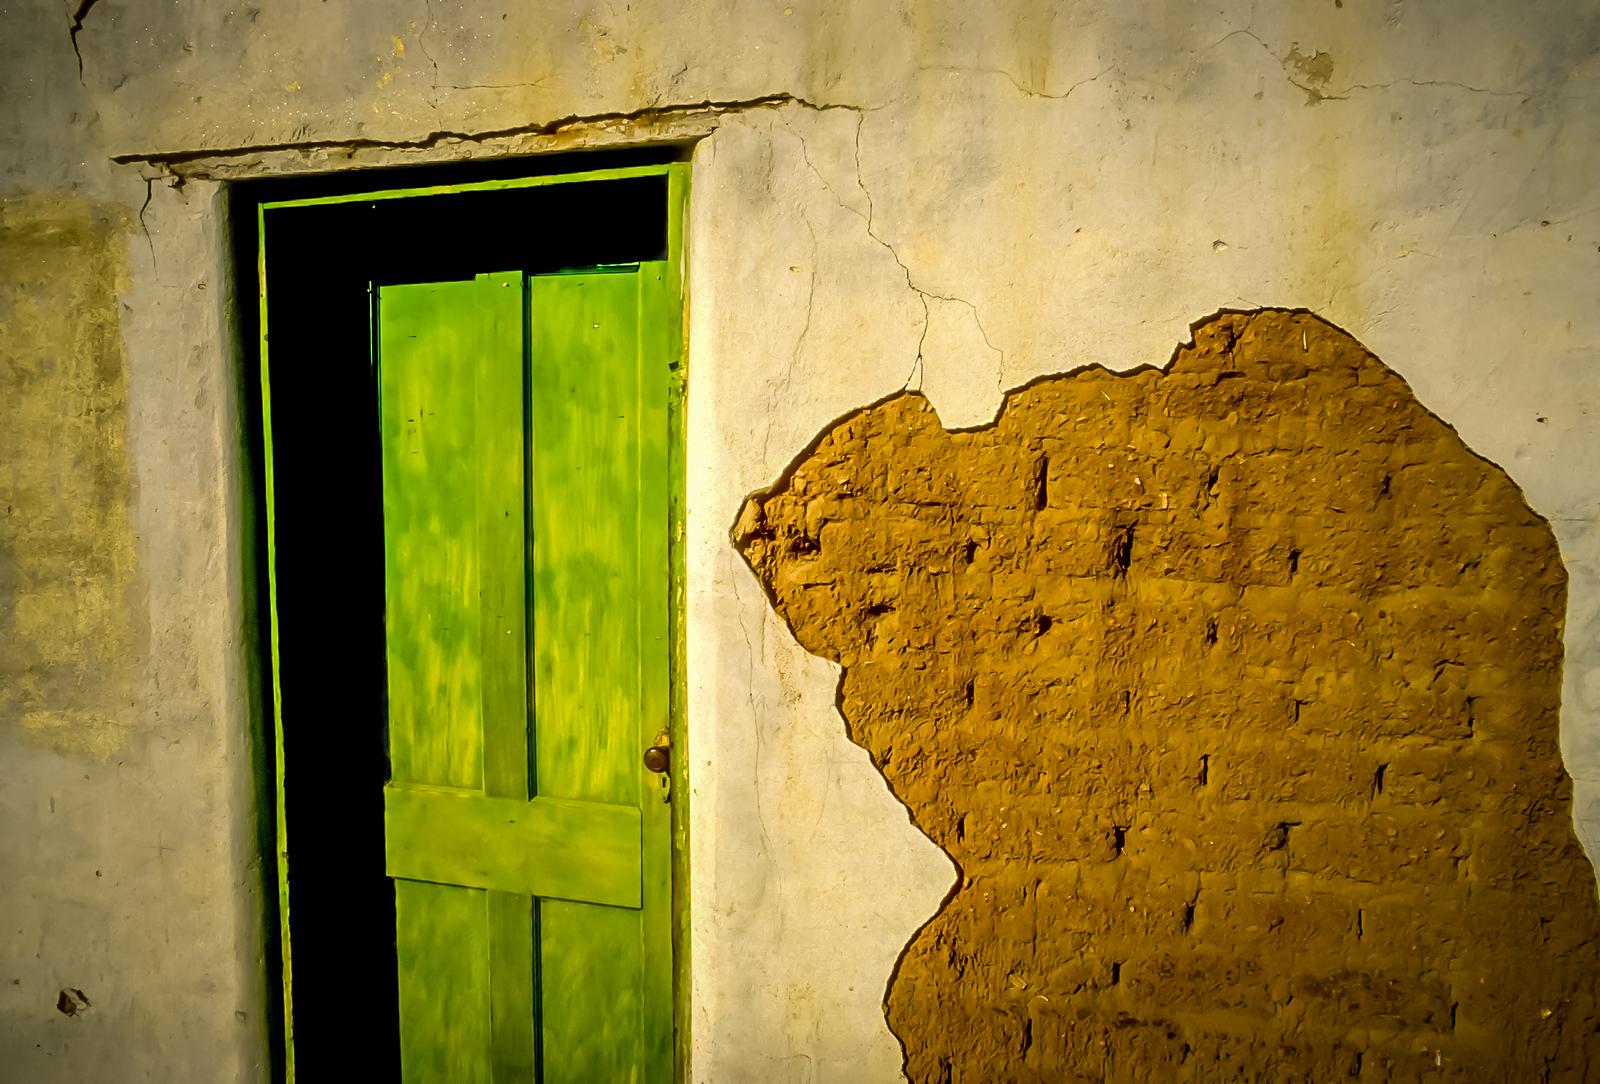 Santo Tomas Door Way, Baja California, Mexico